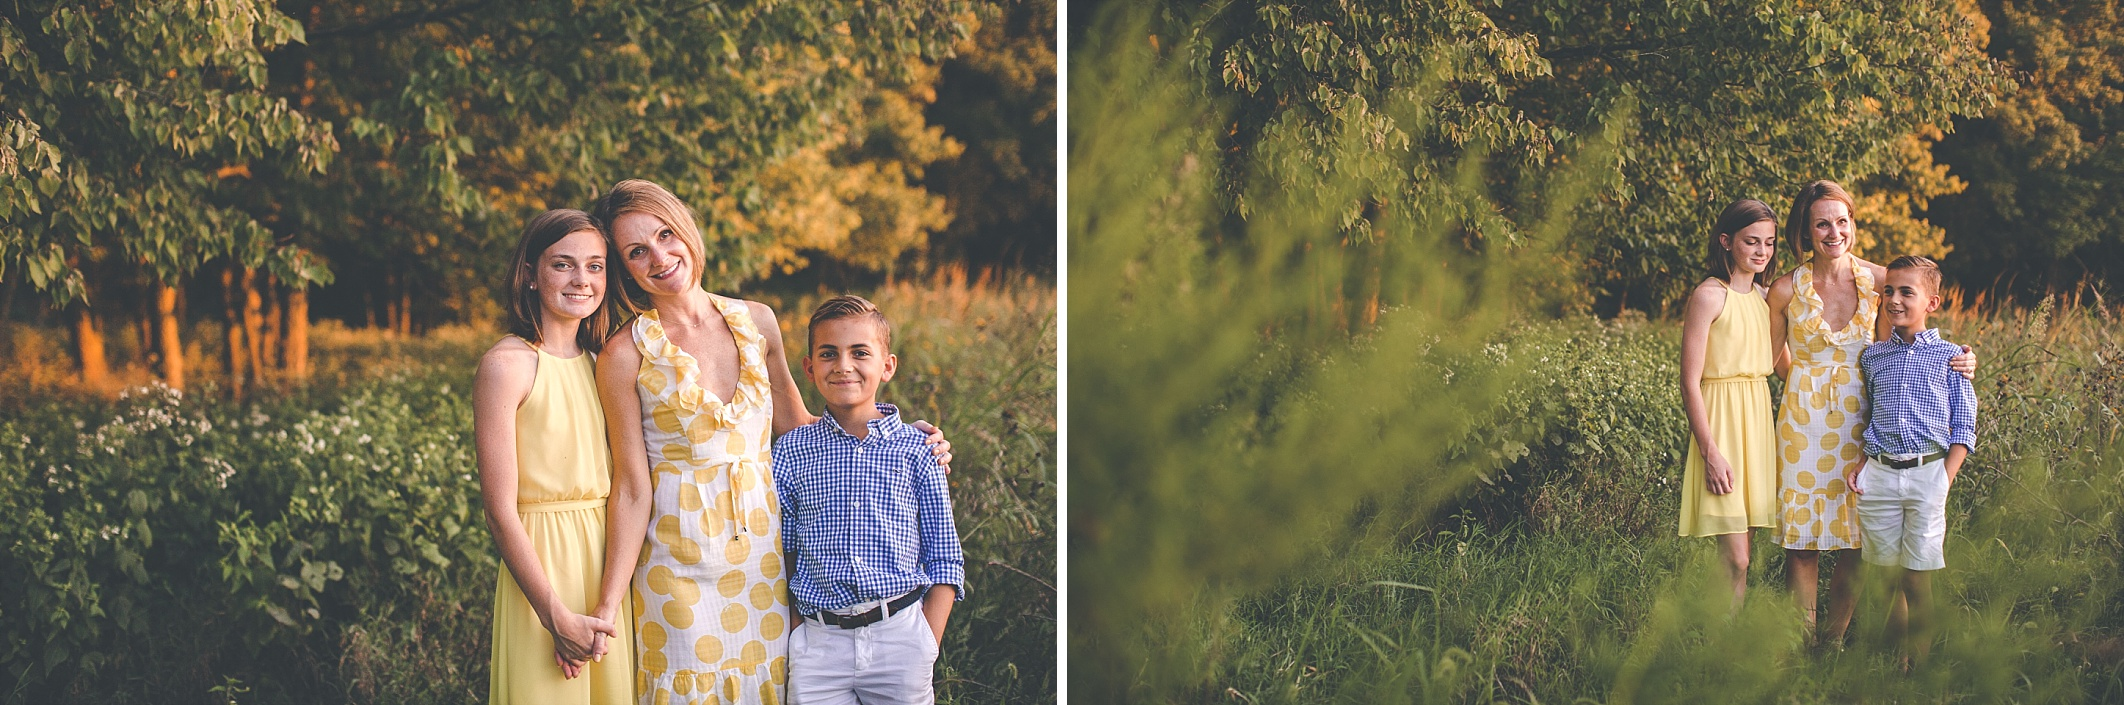 cincinnati-dayton-family-photographer-ohio_0083.jpg